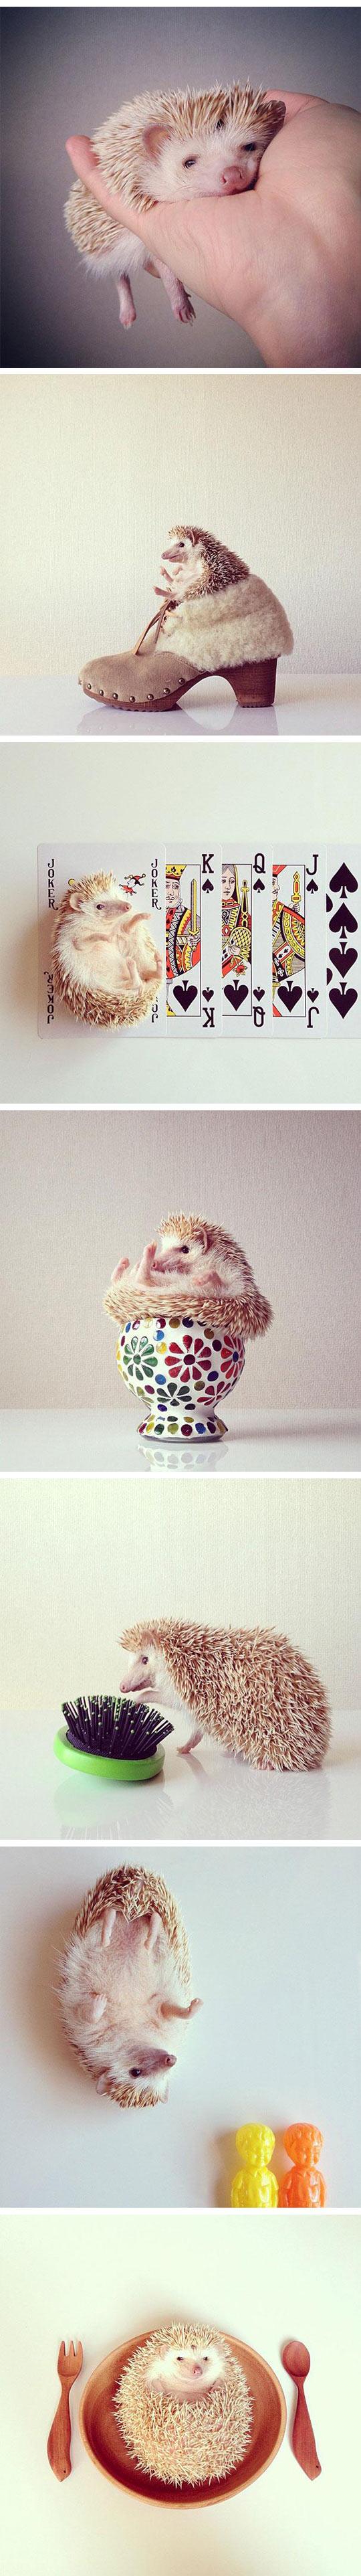 cute-hedgehog-Instagram-pics-plate